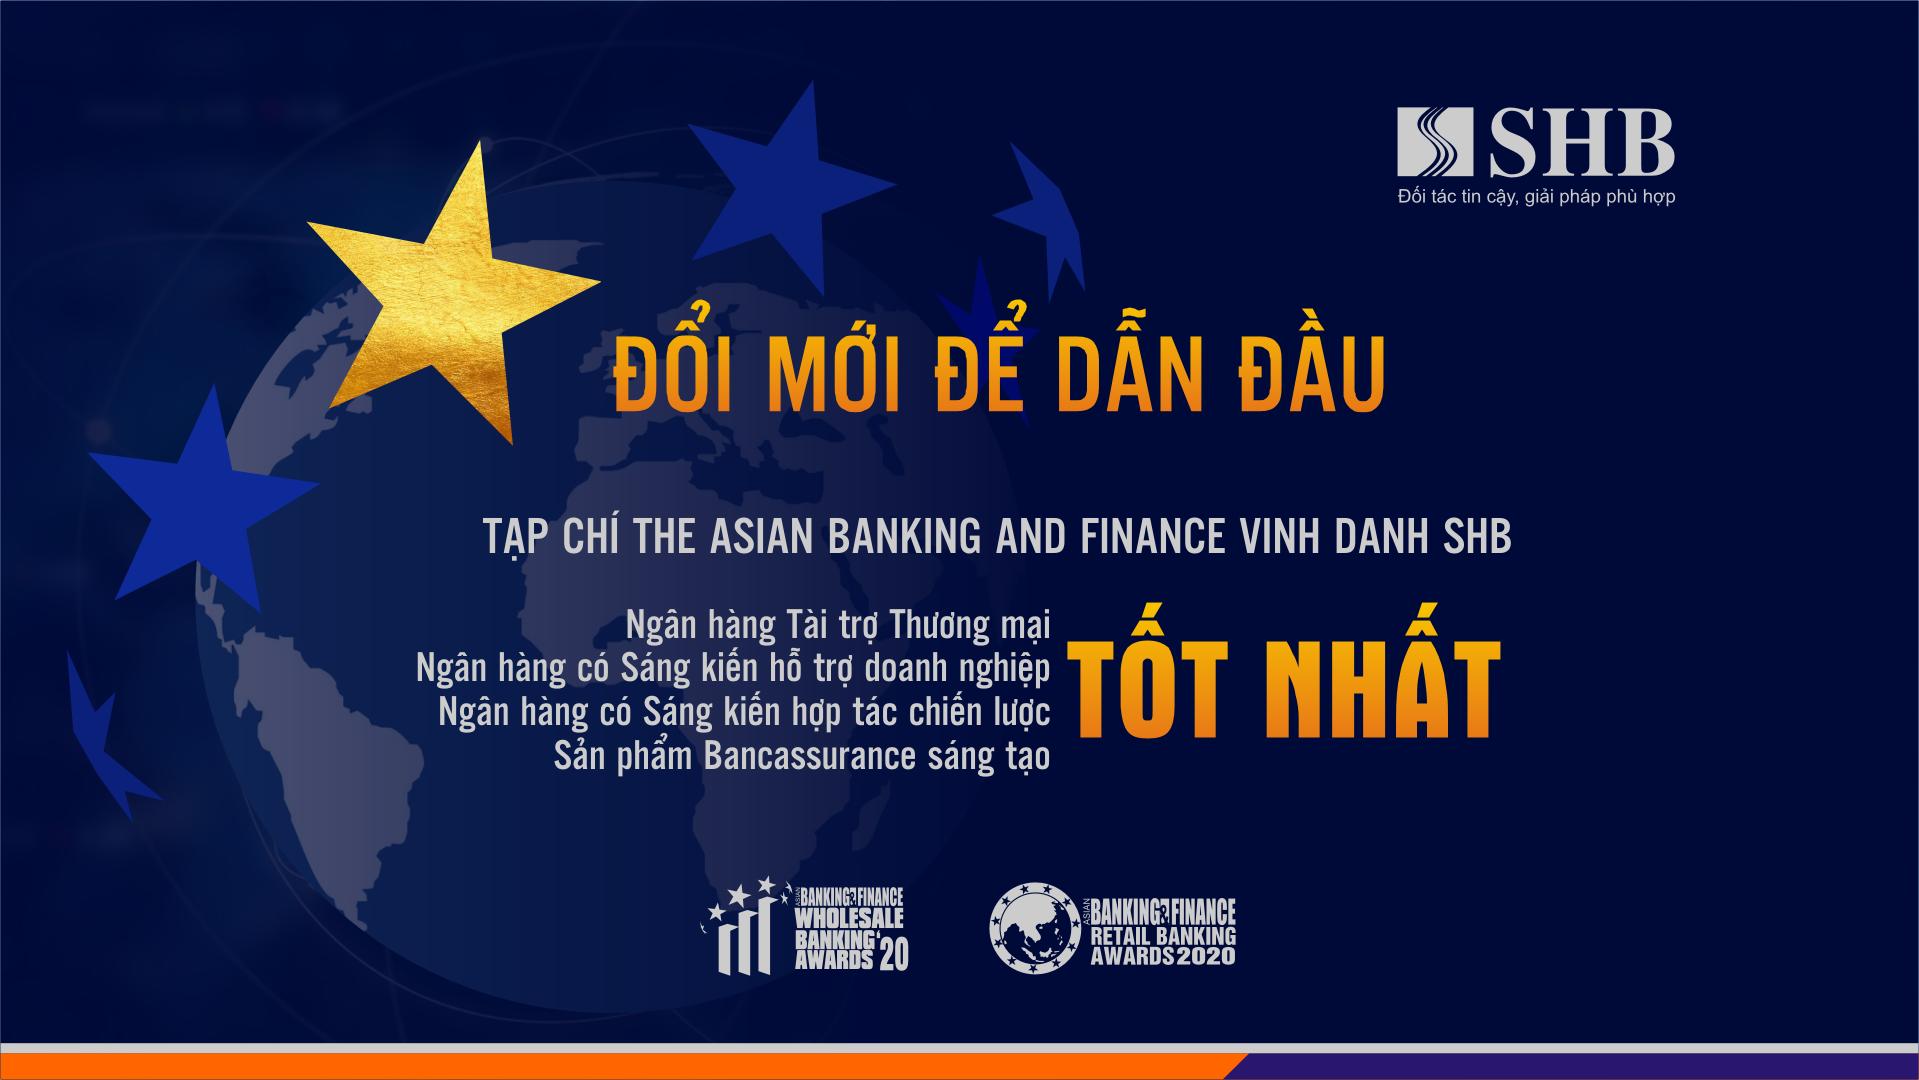 The Asian Banking and Finance vinh danh SHB 4 giải thưởng quốc tế danh giá - Ảnh 1.